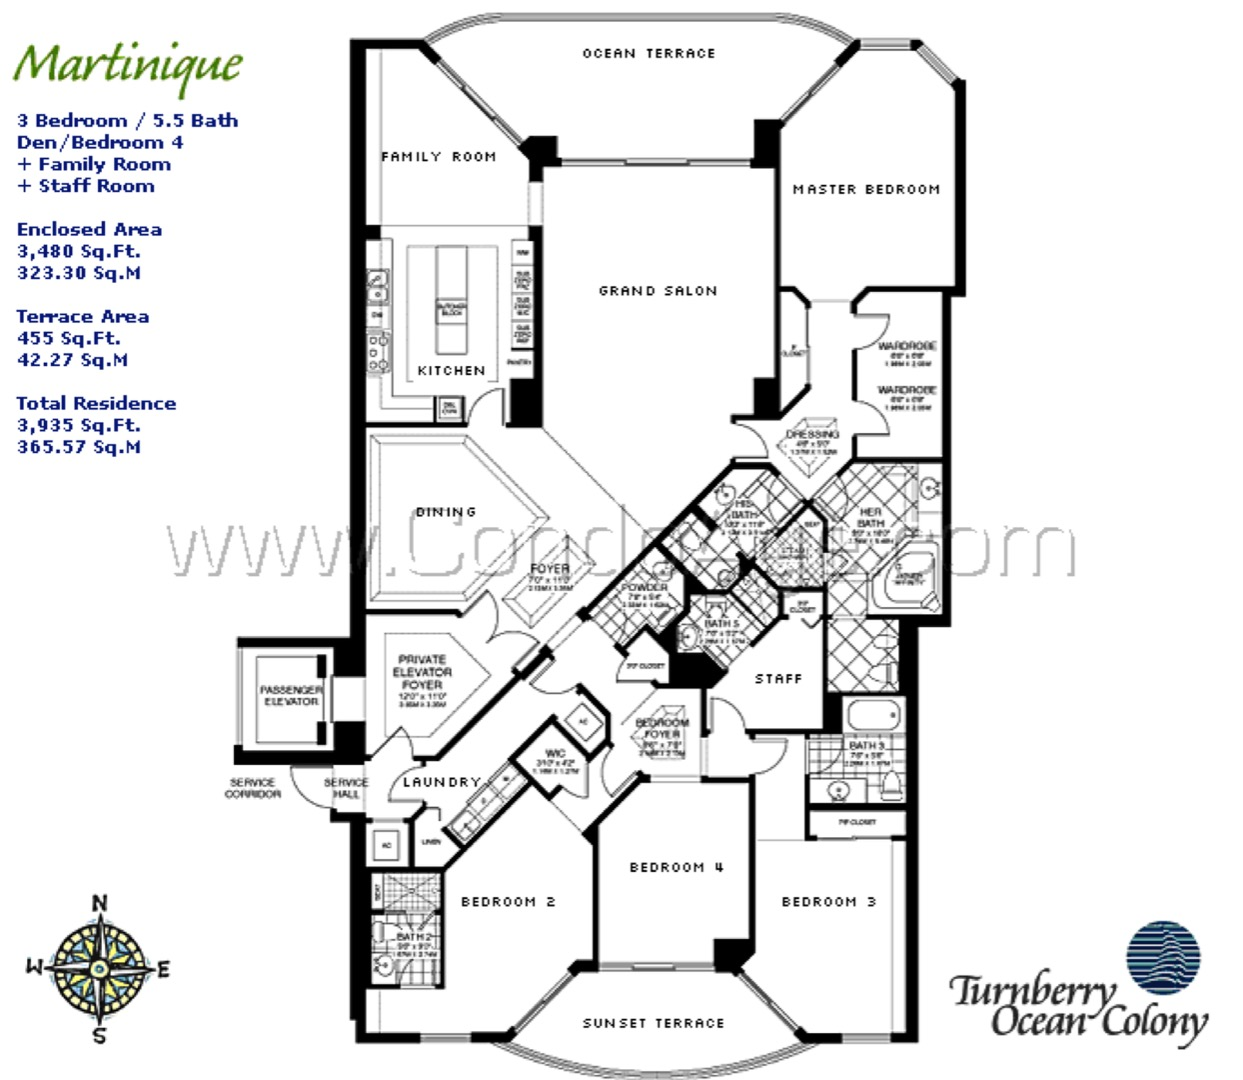 Floor plan image Martinique - 4/5/1  - 3480 sqft image